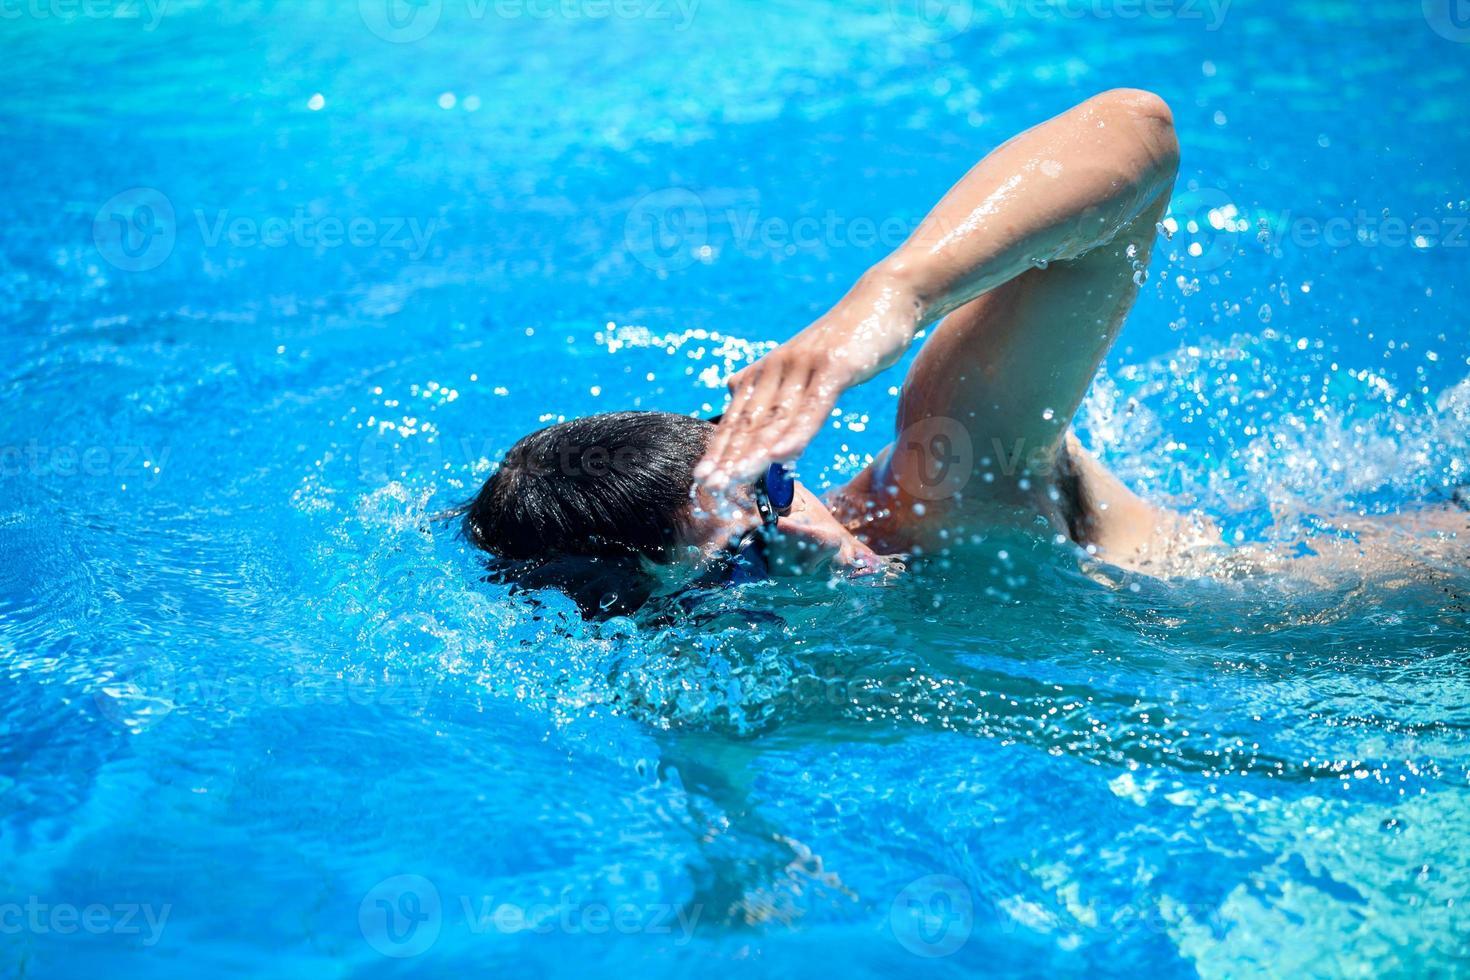 jovem nadando em uma piscina foto